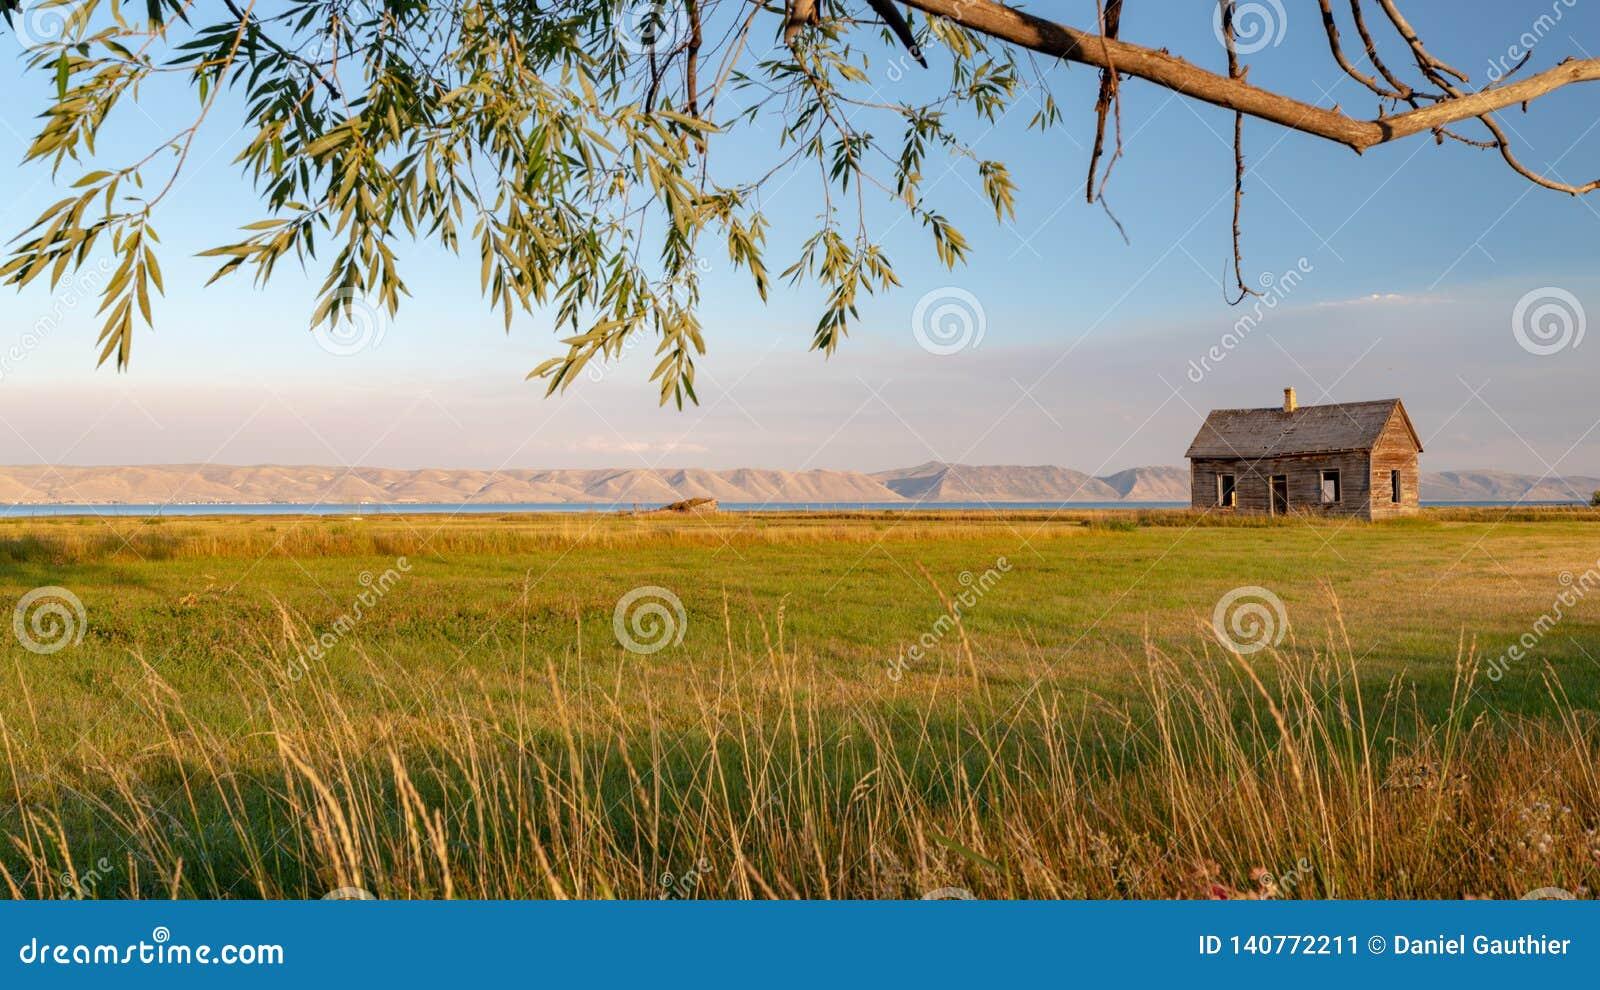 Το εγκαταλειμμένο σπίτι κοντινό αντέχει τη λίμνη, Γιούτα